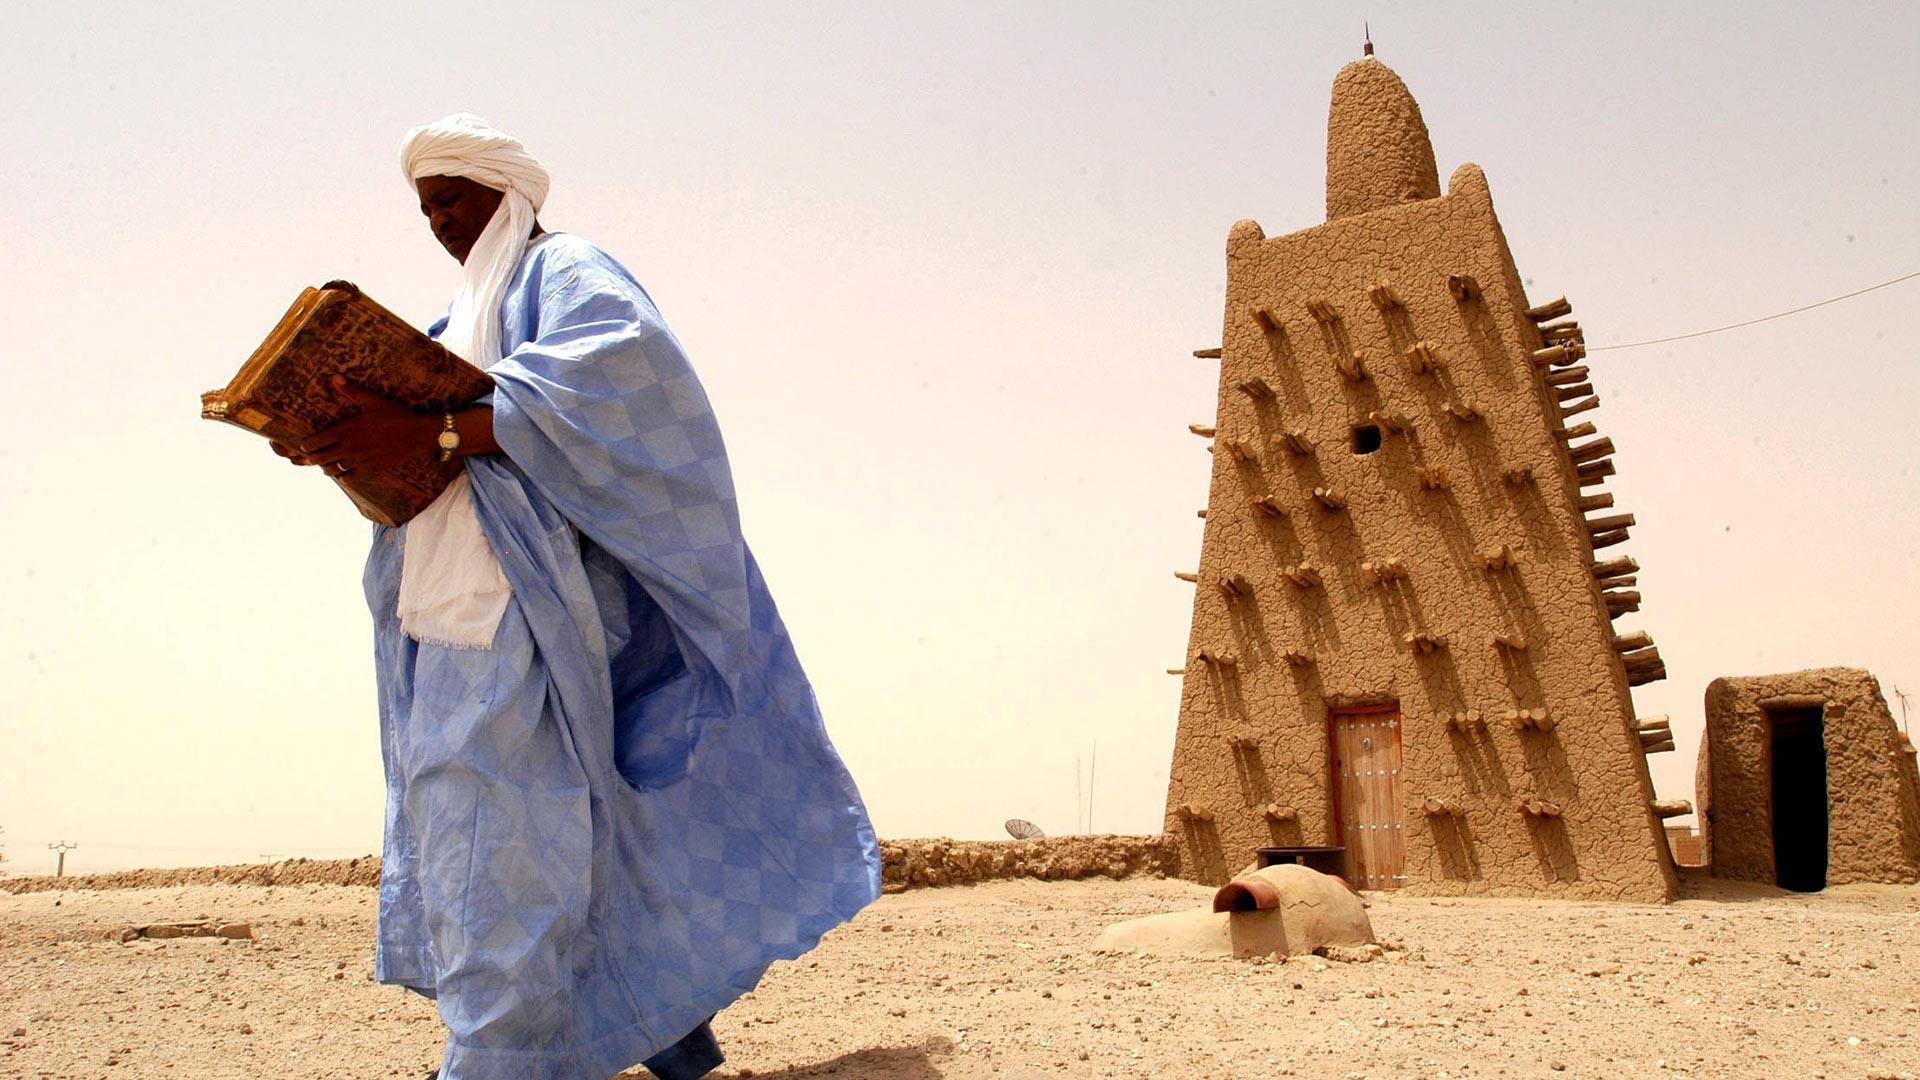 طرق وحضارات ومدن عريقة.. جدل الهوية والتاريخ في تمبكتو